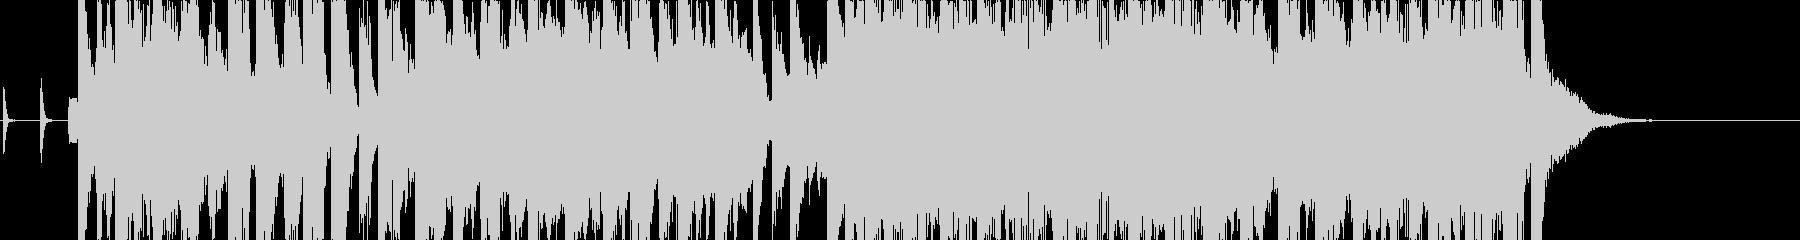 軽快 スラップベース ファンクポップの未再生の波形